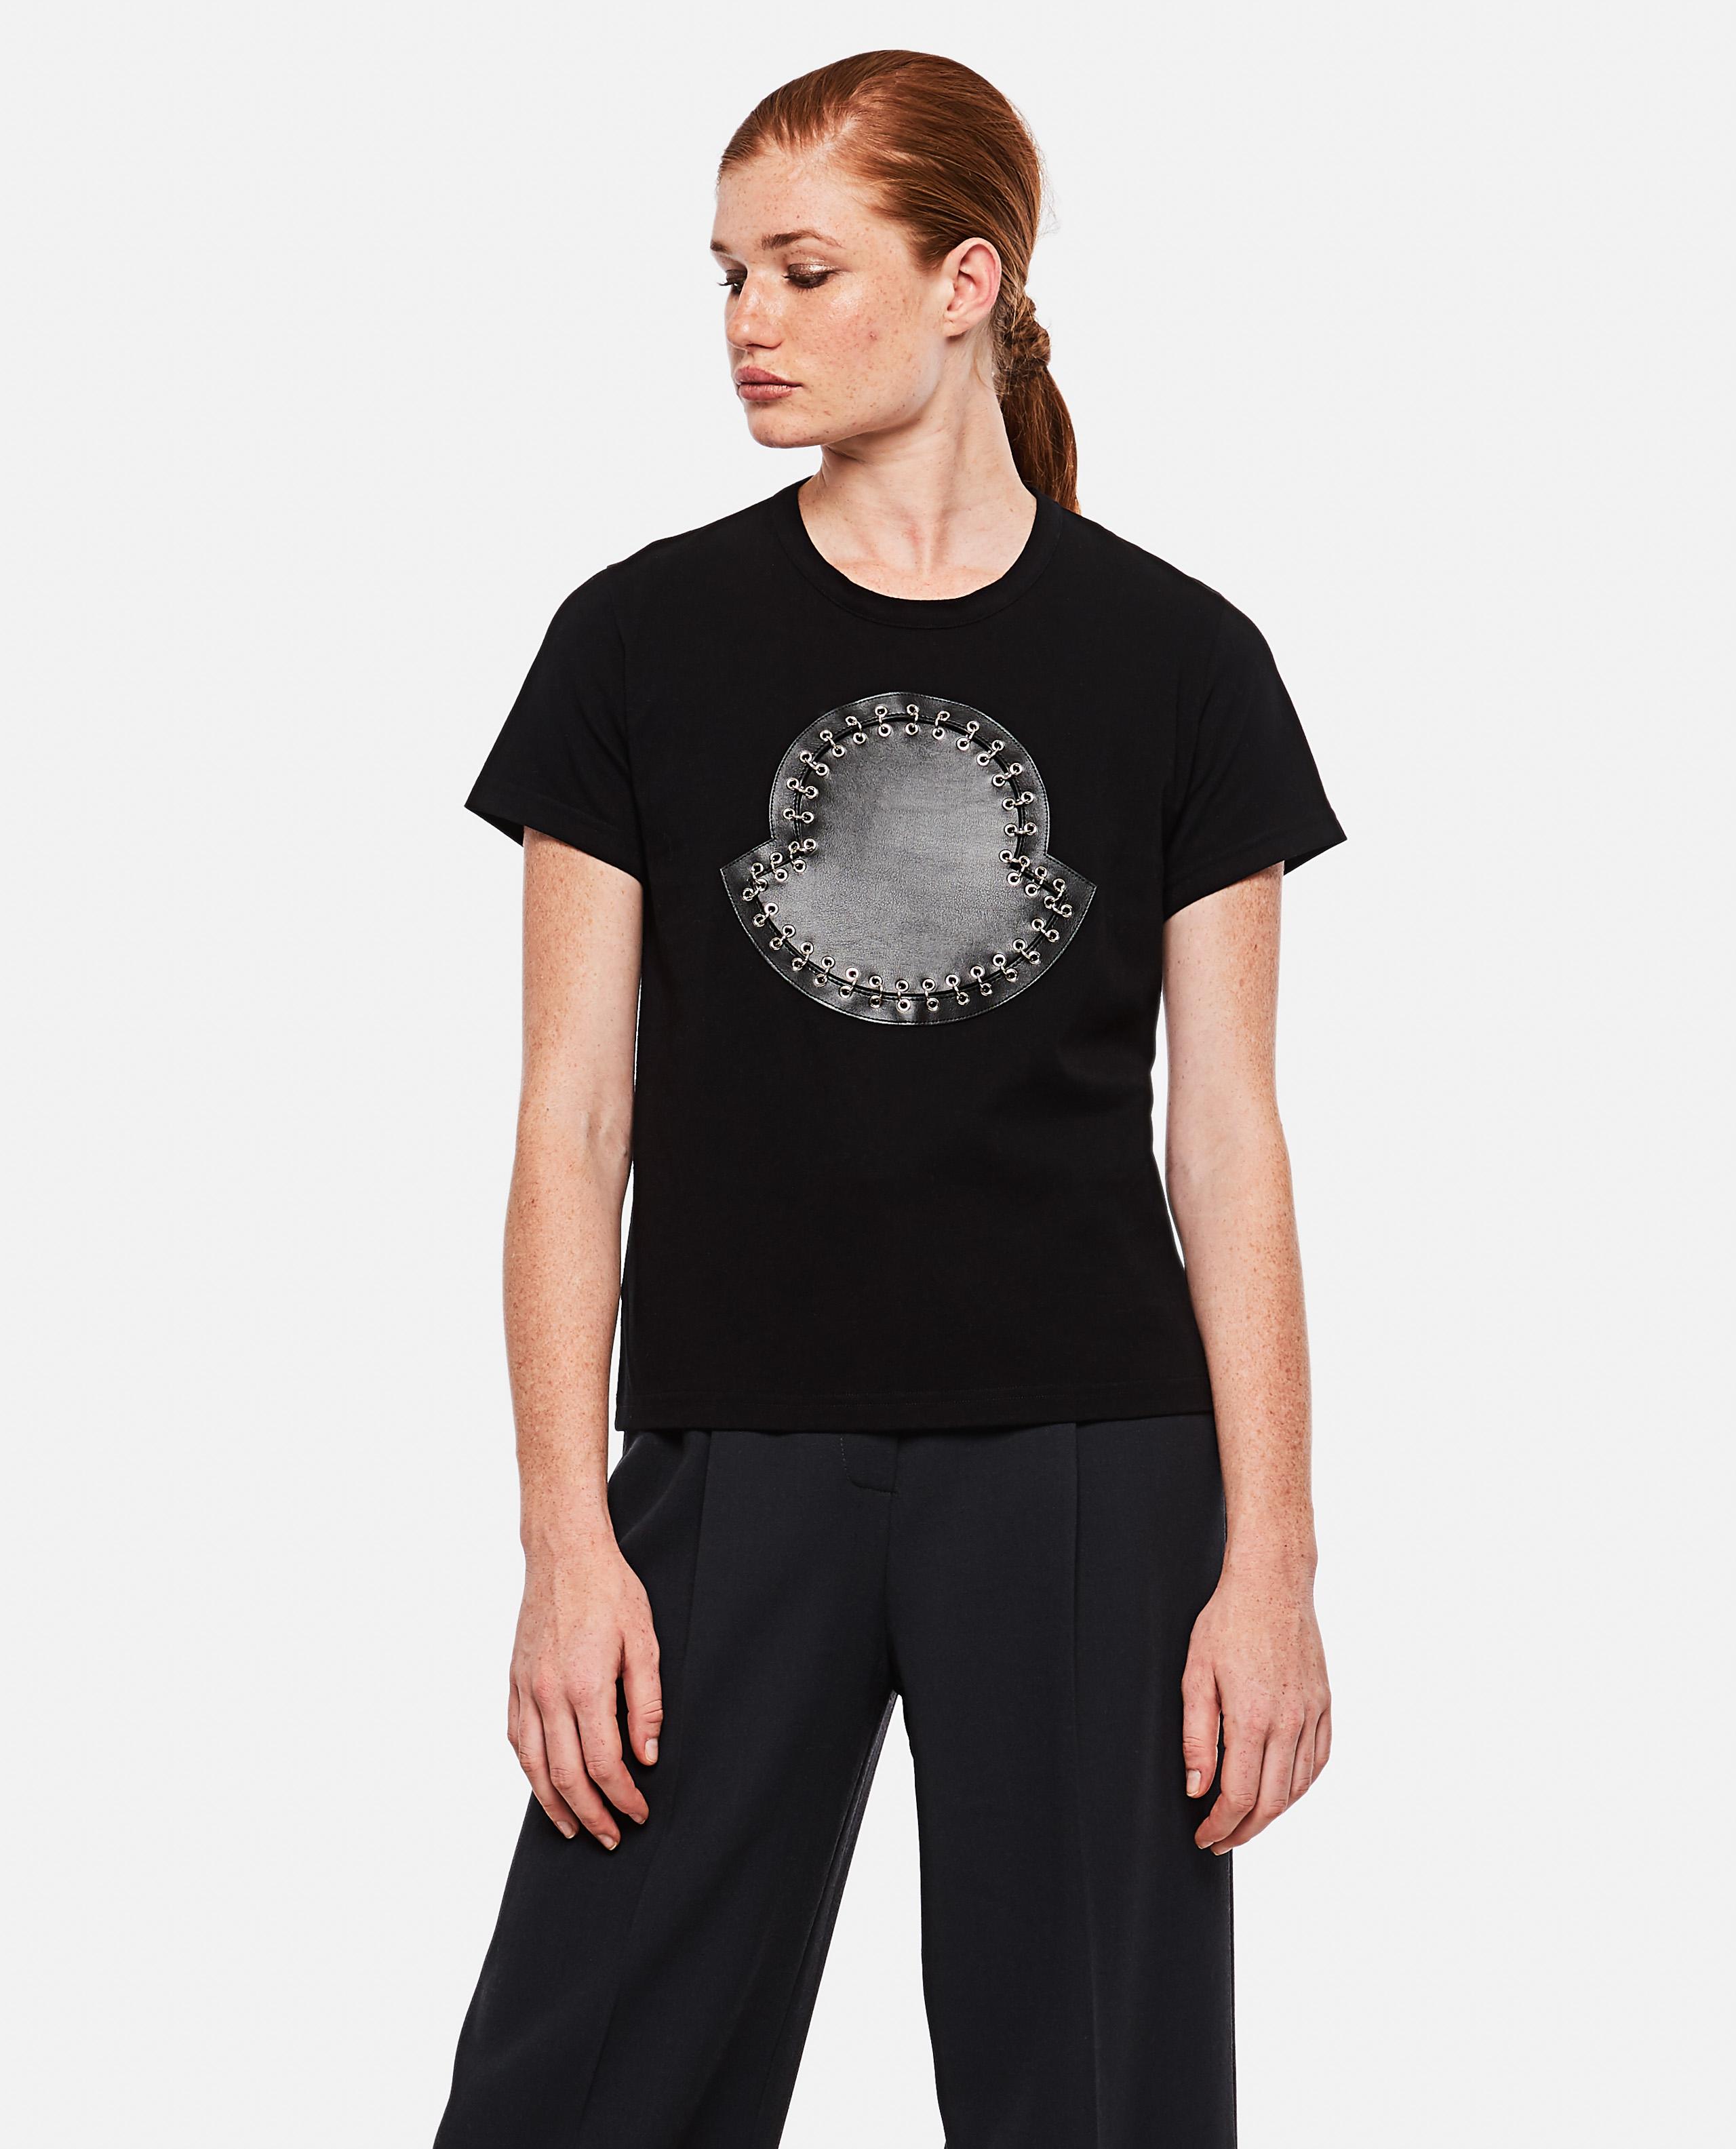 6 Moncler Noir Kei Ninomiya  T-Shirt